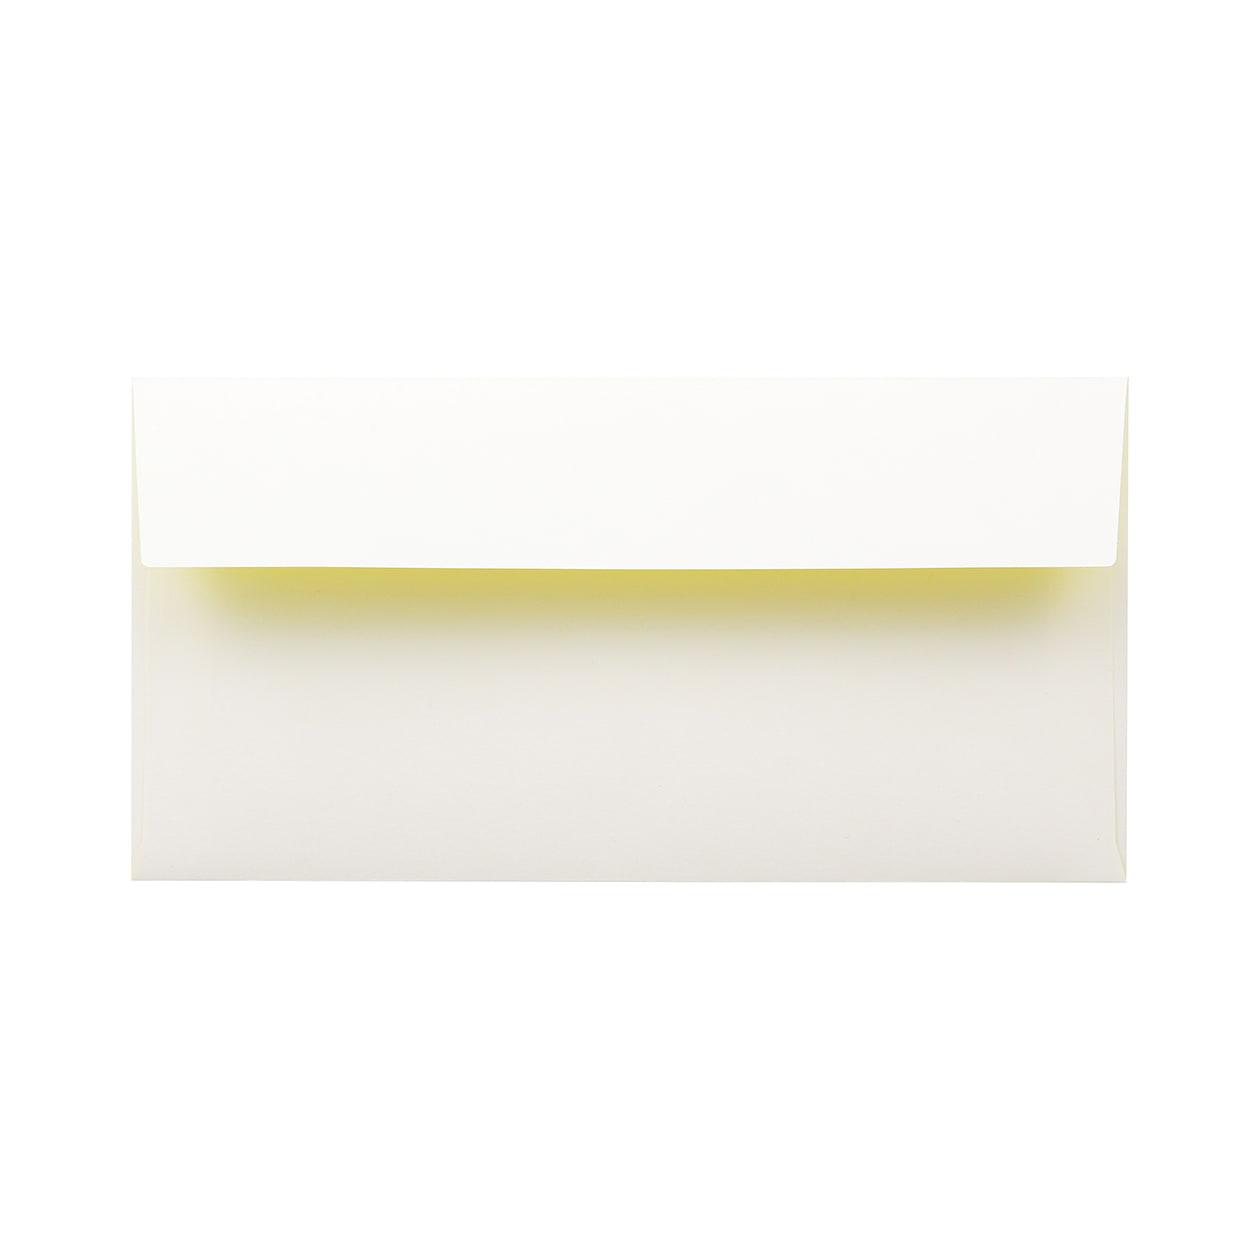 長3カマス封筒 フラッシュカラー ホワイト×イエロー 100g